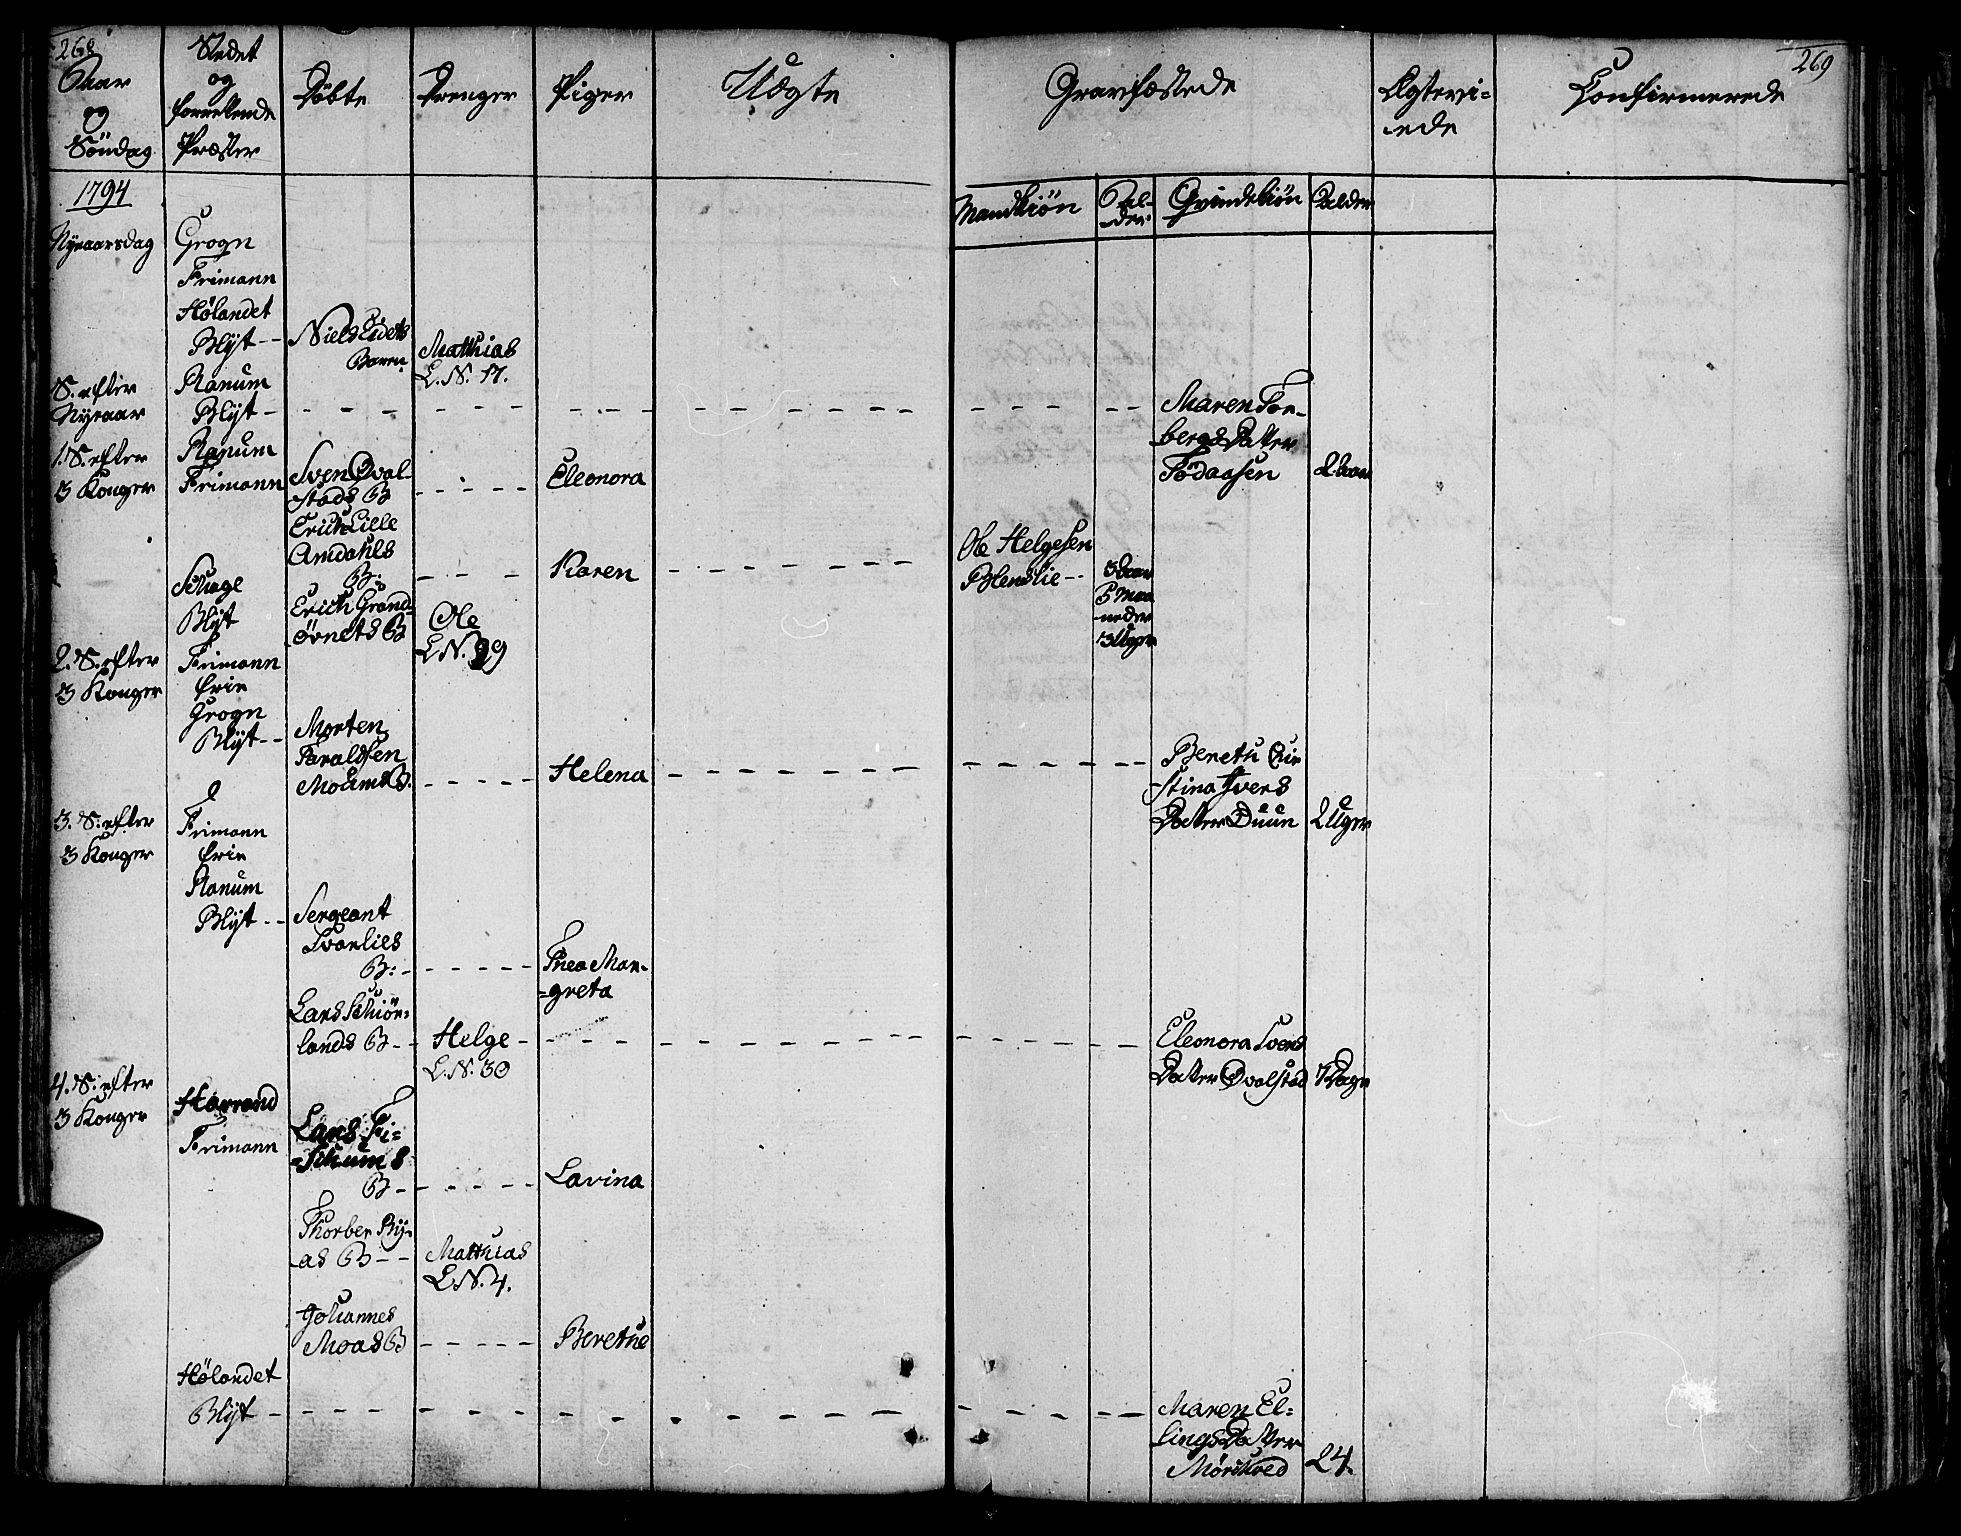 SAT, Ministerialprotokoller, klokkerbøker og fødselsregistre - Nord-Trøndelag, 764/L0544: Ministerialbok nr. 764A04, 1780-1798, s. 268-269